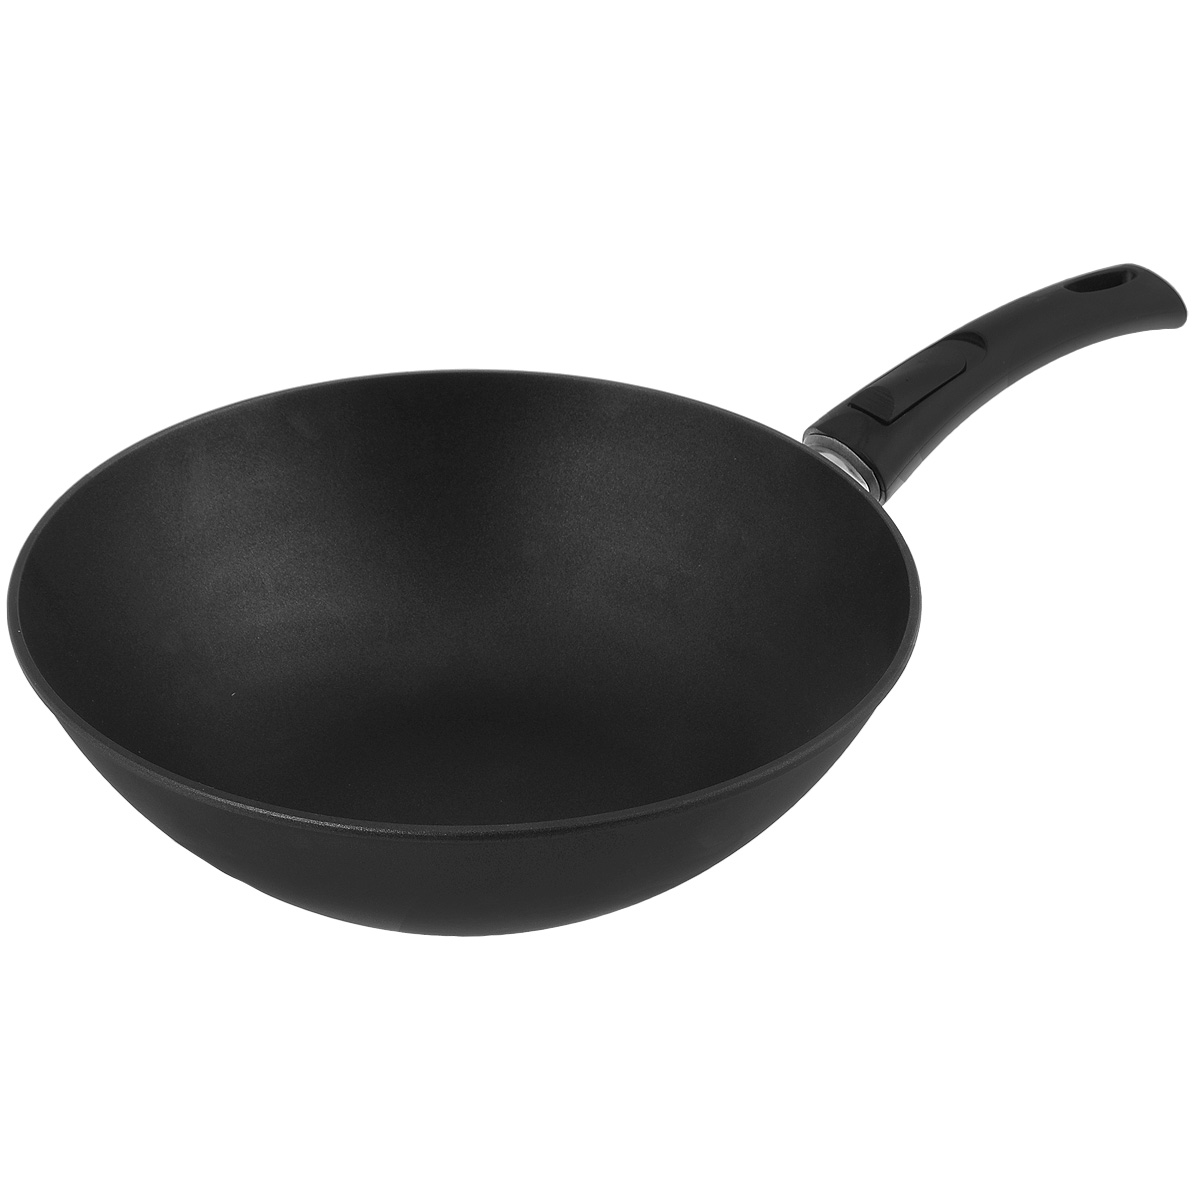 Сковорода-вок литая Нева Металл Посуда Титан, с полимер-керамическим антипригарным покрытием, со съемной ручкой, цвет: черный. Диаметр 30 см3130WЛитая сковорода-вок НМП Титан изготовлена из алюминия с полимер-керамическим антипригарным покрытием.Эргономичная ручка - съемная, что позволяет использовать сковороду-вок в духовом шкафу или морозильной камере. Особенности посуды серии ТИТАН: - 4-слойная антипригарная полимер-керамическая система ТИТАН обладает повышенной износостойкостью, достигаемой за счет особой структурыи специальной технологии нанесения. Это собственная запатентованная разработка компании, не имеющая аналогов в России. Прототип покрытия применялся при постройке космического корабля Буран и орбитальных спутников- в состав системы ТИТАН входят антипригарные слои на водной основе - система ТИТАН традиционно производится без использования PFOA /перфтороктановой кислоты/ - равномерно нагревается за счет особой конструкции корпуса по принципу золотого сечения, толстых стенок и еще более толстого дна - приготовленная еда получается особенно вкусной благодаря специфическим термоаккумулирующим свойствам литого алюминия - подходит для газовых, электрических и стеклокерамических плит. Посуду можно мыть в посудомоечной машине- корпус практически не подвержен деформации даже при сильном нагреве- изделия проходят тесты по условному циклу приготовления: нагрев до 220°С, охлаждение, истирание губкой с 5%-раствором моющего средства. Сковороды с покрытием ТИТАН выдерживают более 4000 таких циклов. Объем: 4 л. Диаметр: 30 см.Высота стенки: 9 см. Толщина стенки: 2,5 мм.Толщина дна: 6,5 мм.Длина ручки: 19 см.